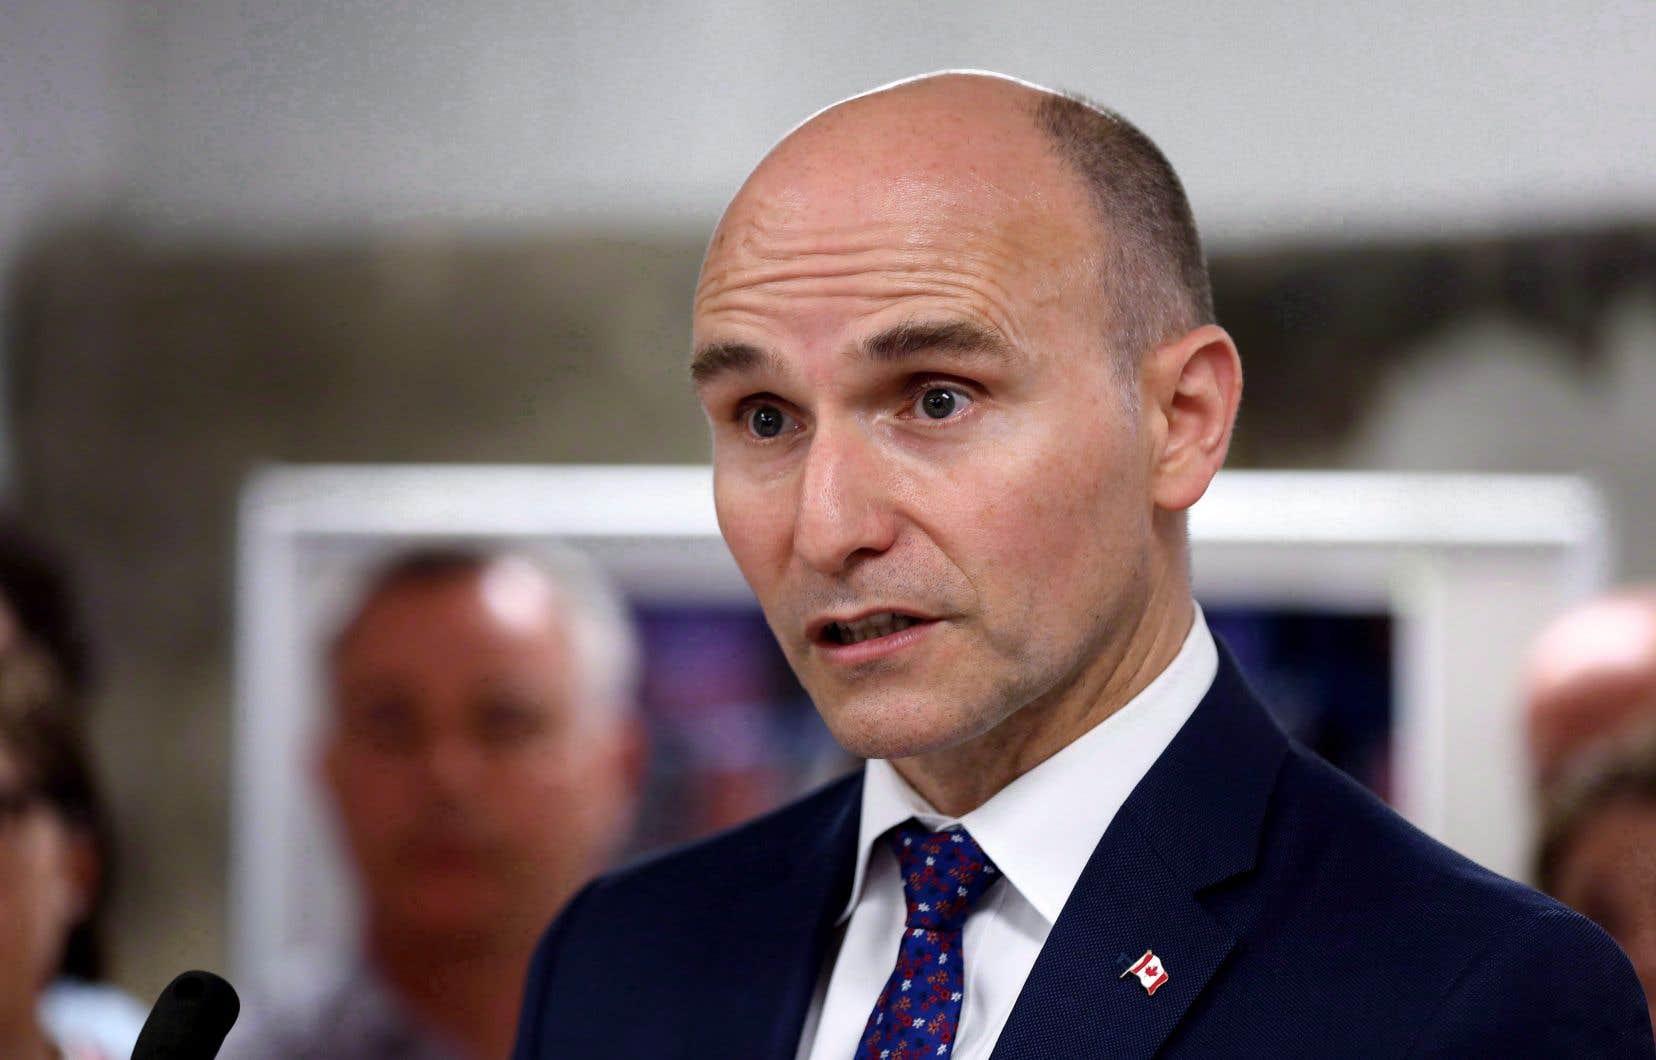 Le ministre Duclos se dit néanmoins touché par la situation. «Sans m'immiscer dans les affaires du gouvernement du Québec […] c'est sûr que comme parent, comme citoyen, ça me préoccupe, ça m'interpelle beaucoup», rappelle-t-il.